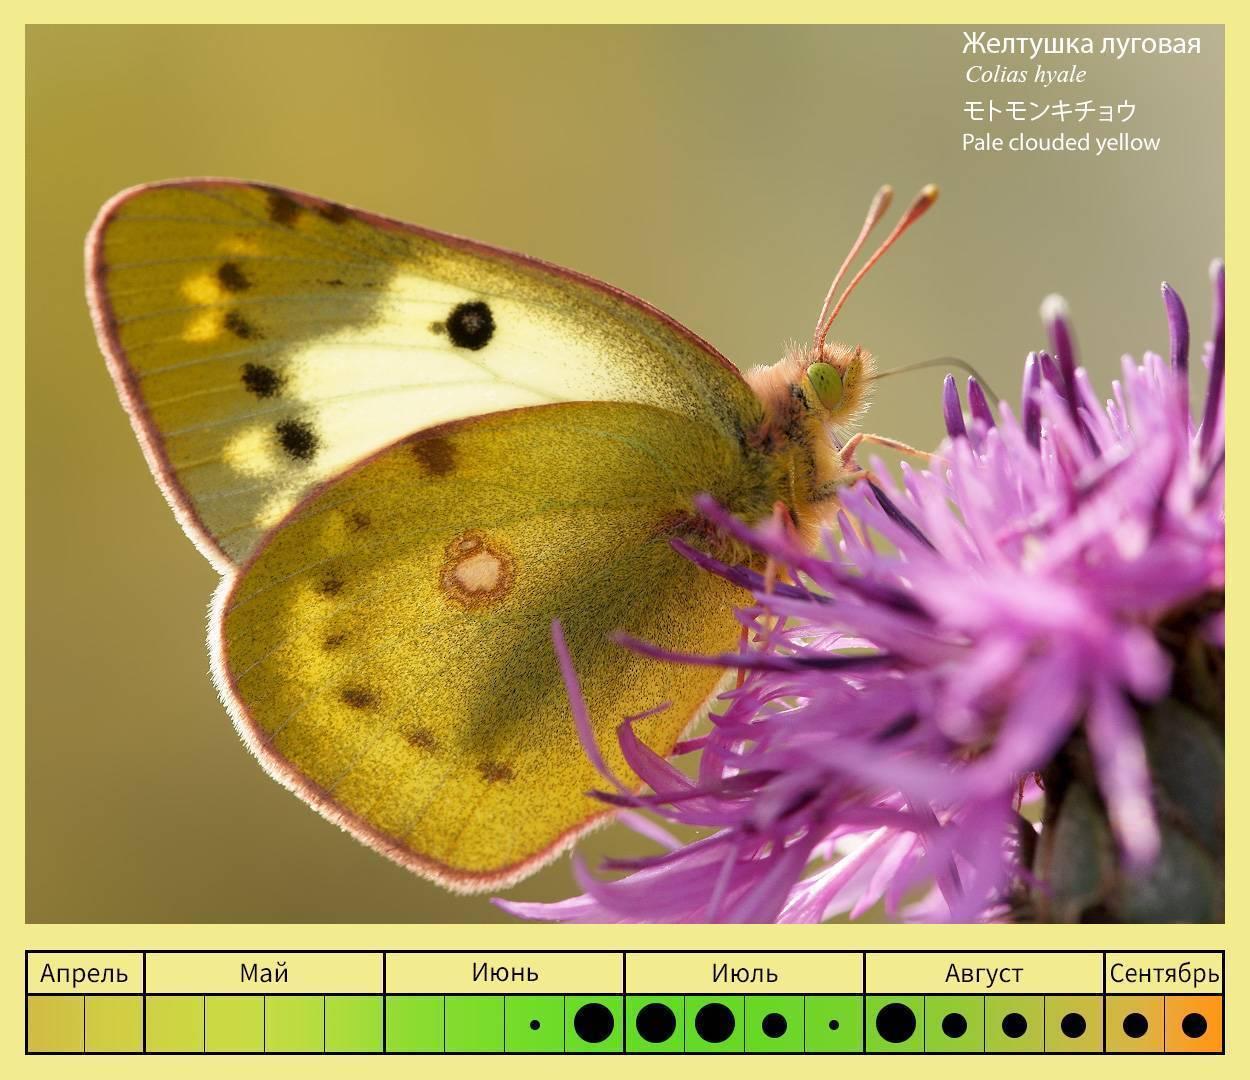 Золотистая желтушка. бабочка желтушка — описание, среда обитания, виды образ жизни